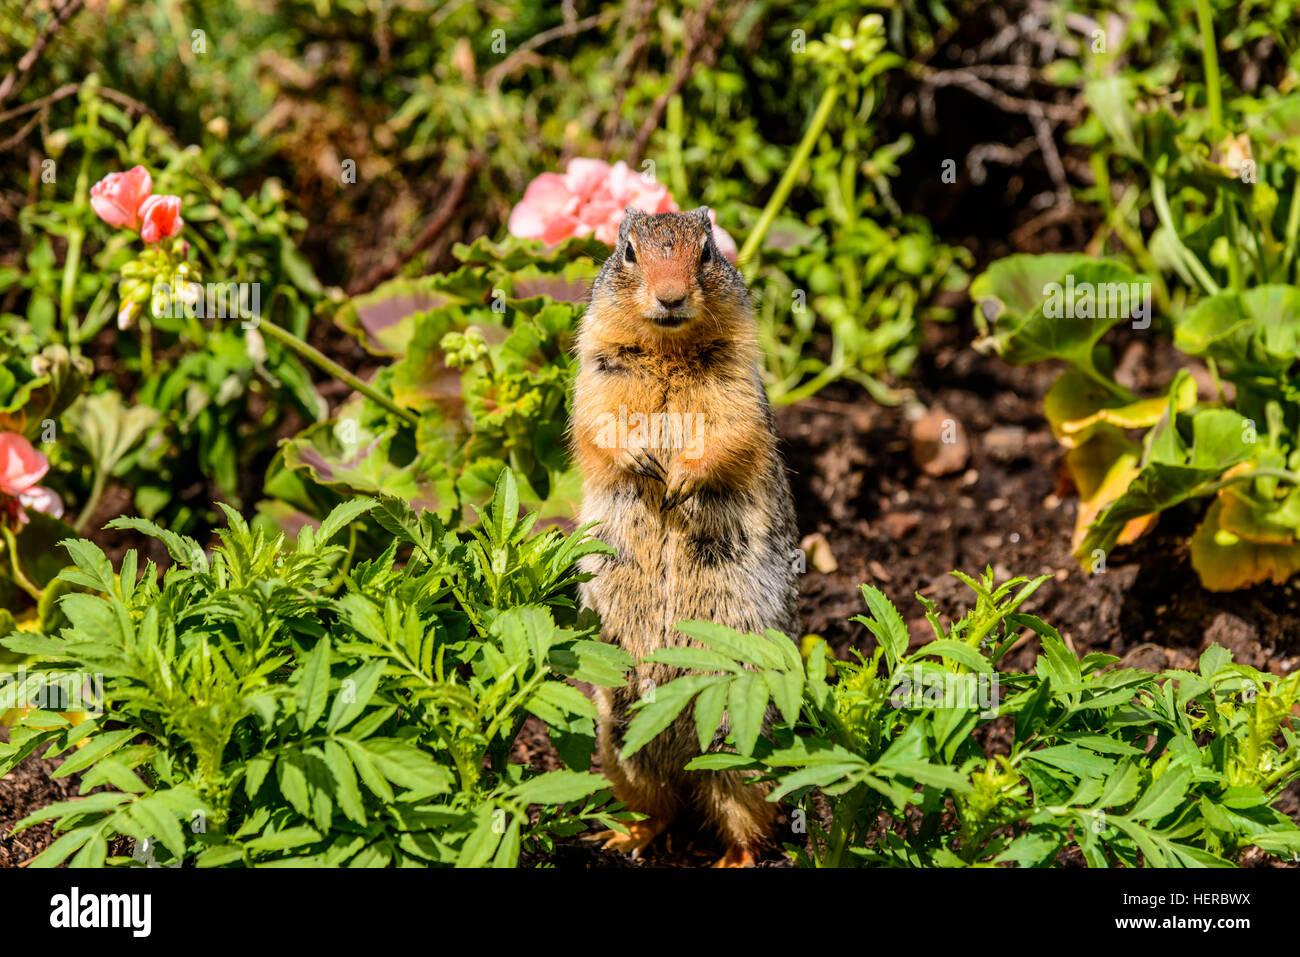 Kanada, Alberta, Banff National Park, Lake Louise Village, Columbian Ground Squirrel - Stock Image